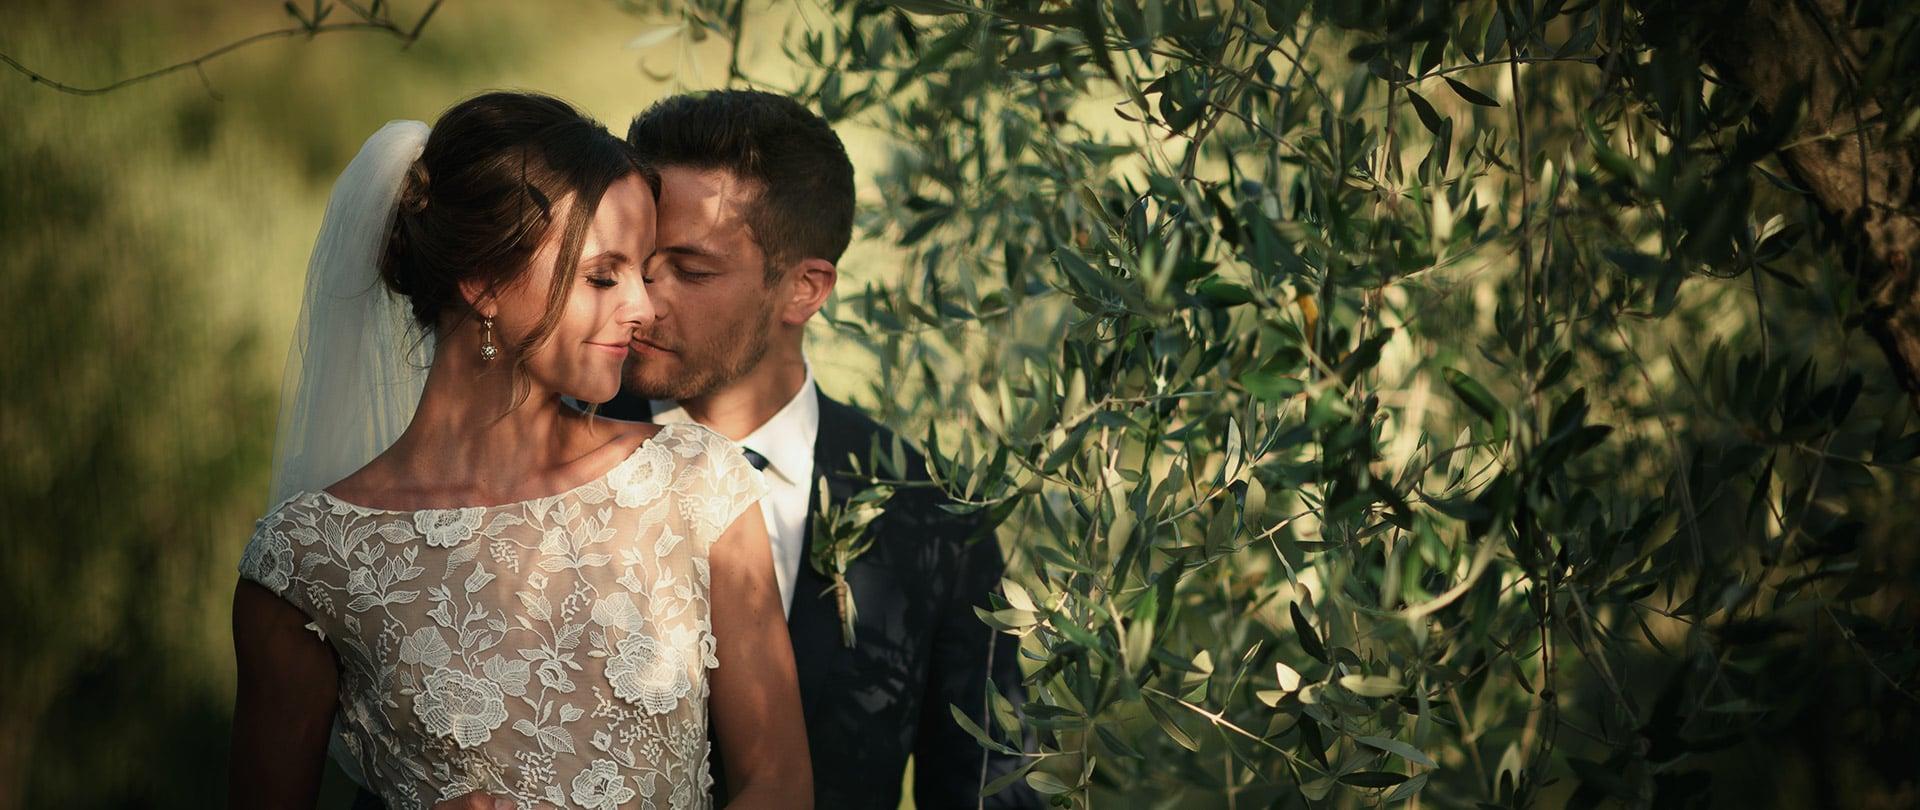 Valentina & Matt Wedding Video Filmed at Tuscany, Italy